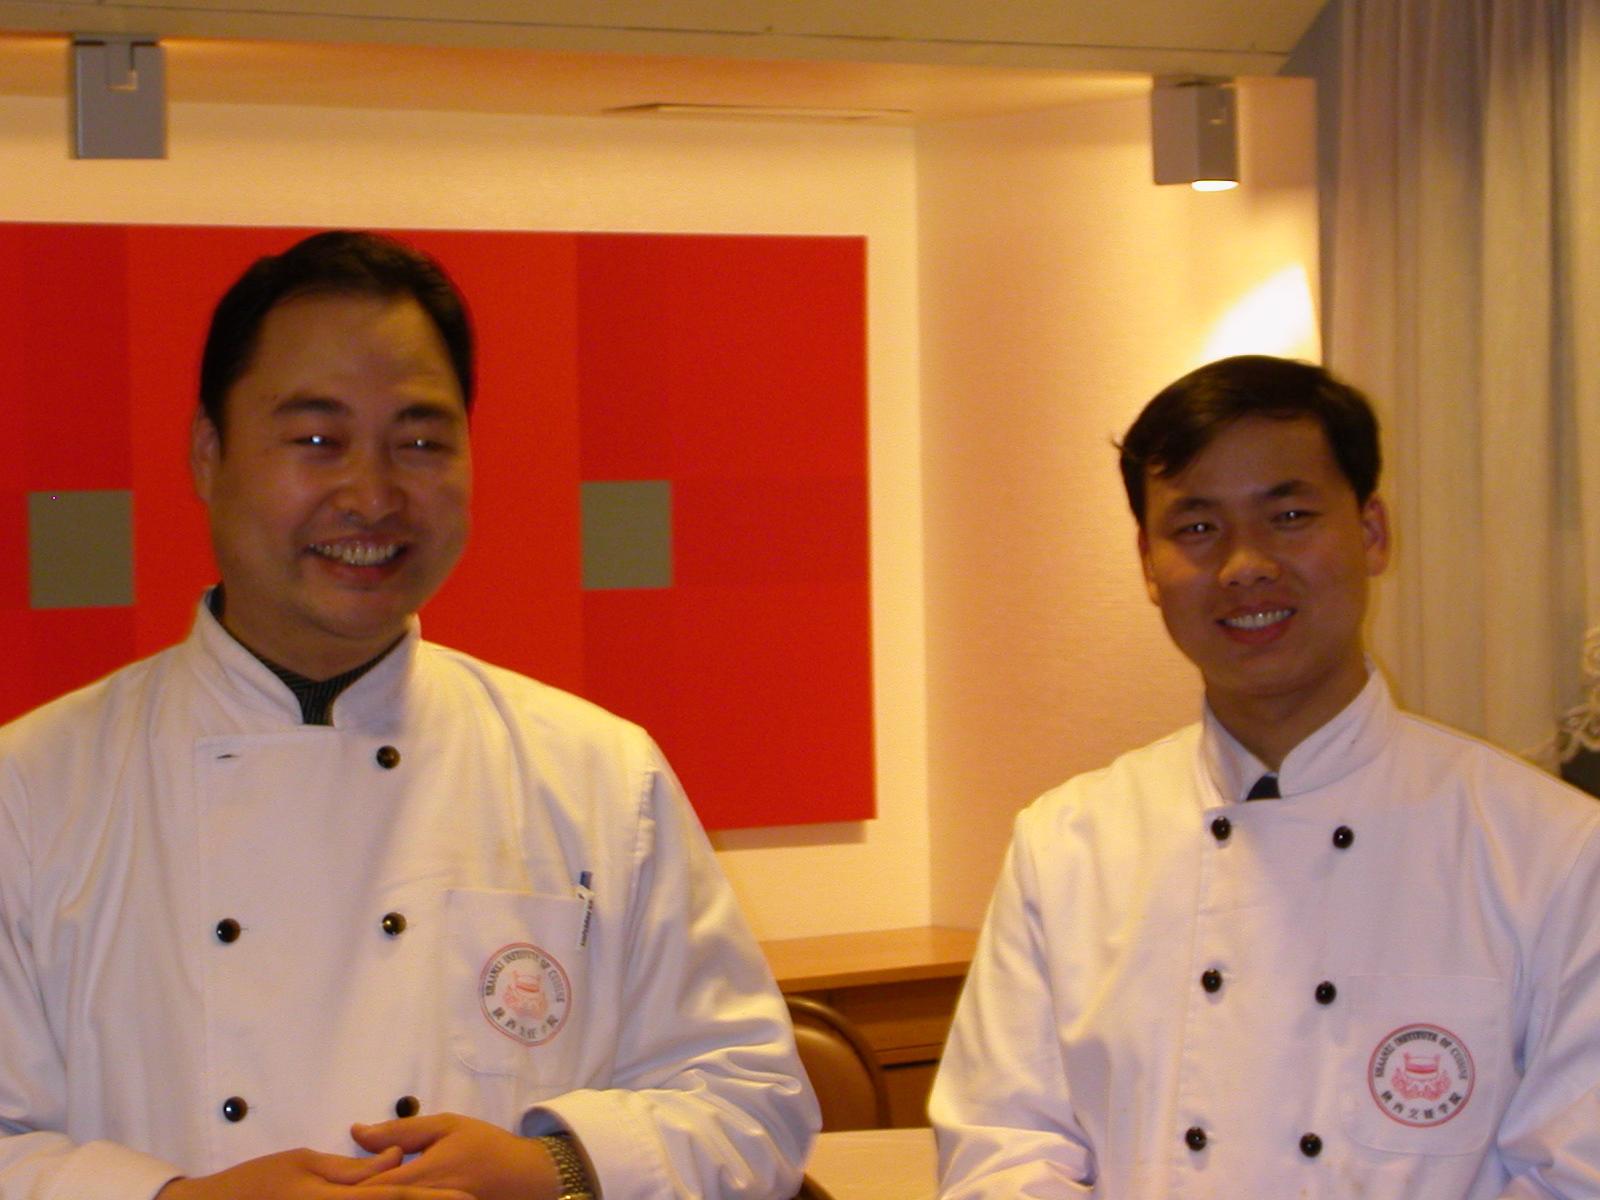 Festival de gastronomie chinoise